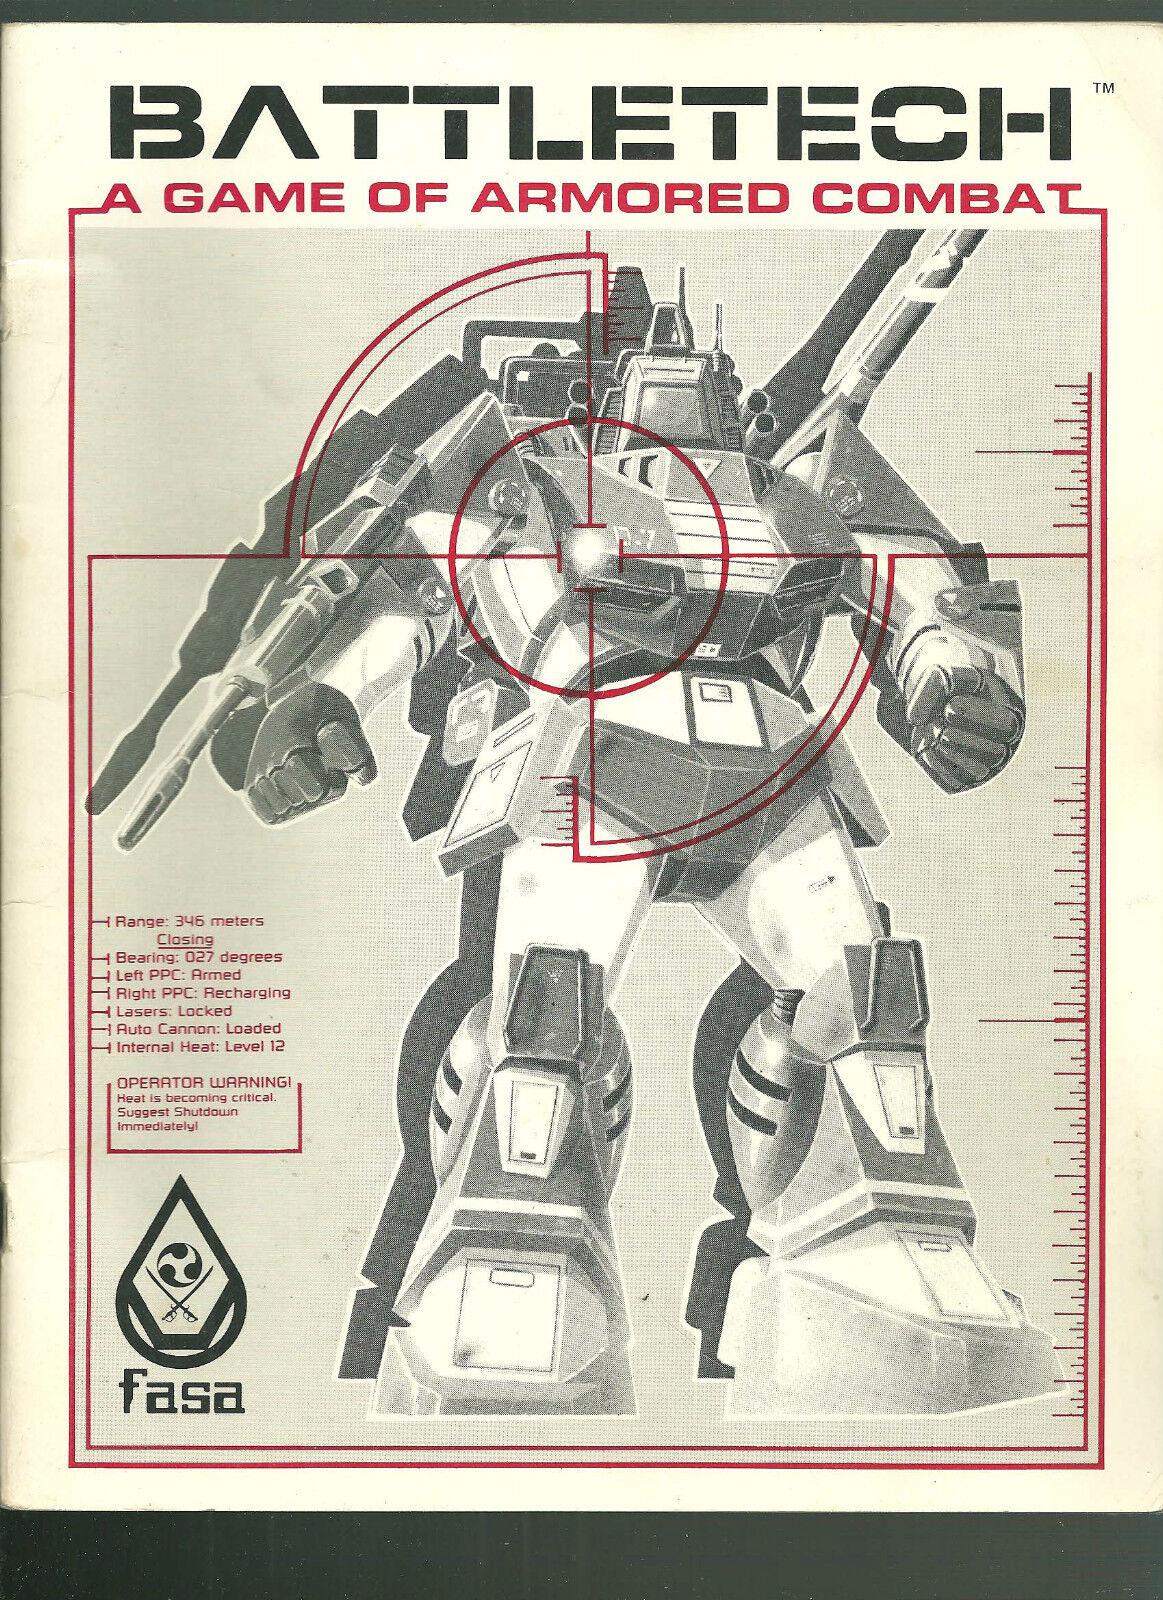 Battletech Juego Libro de FASA 1985 dura 40 páginas